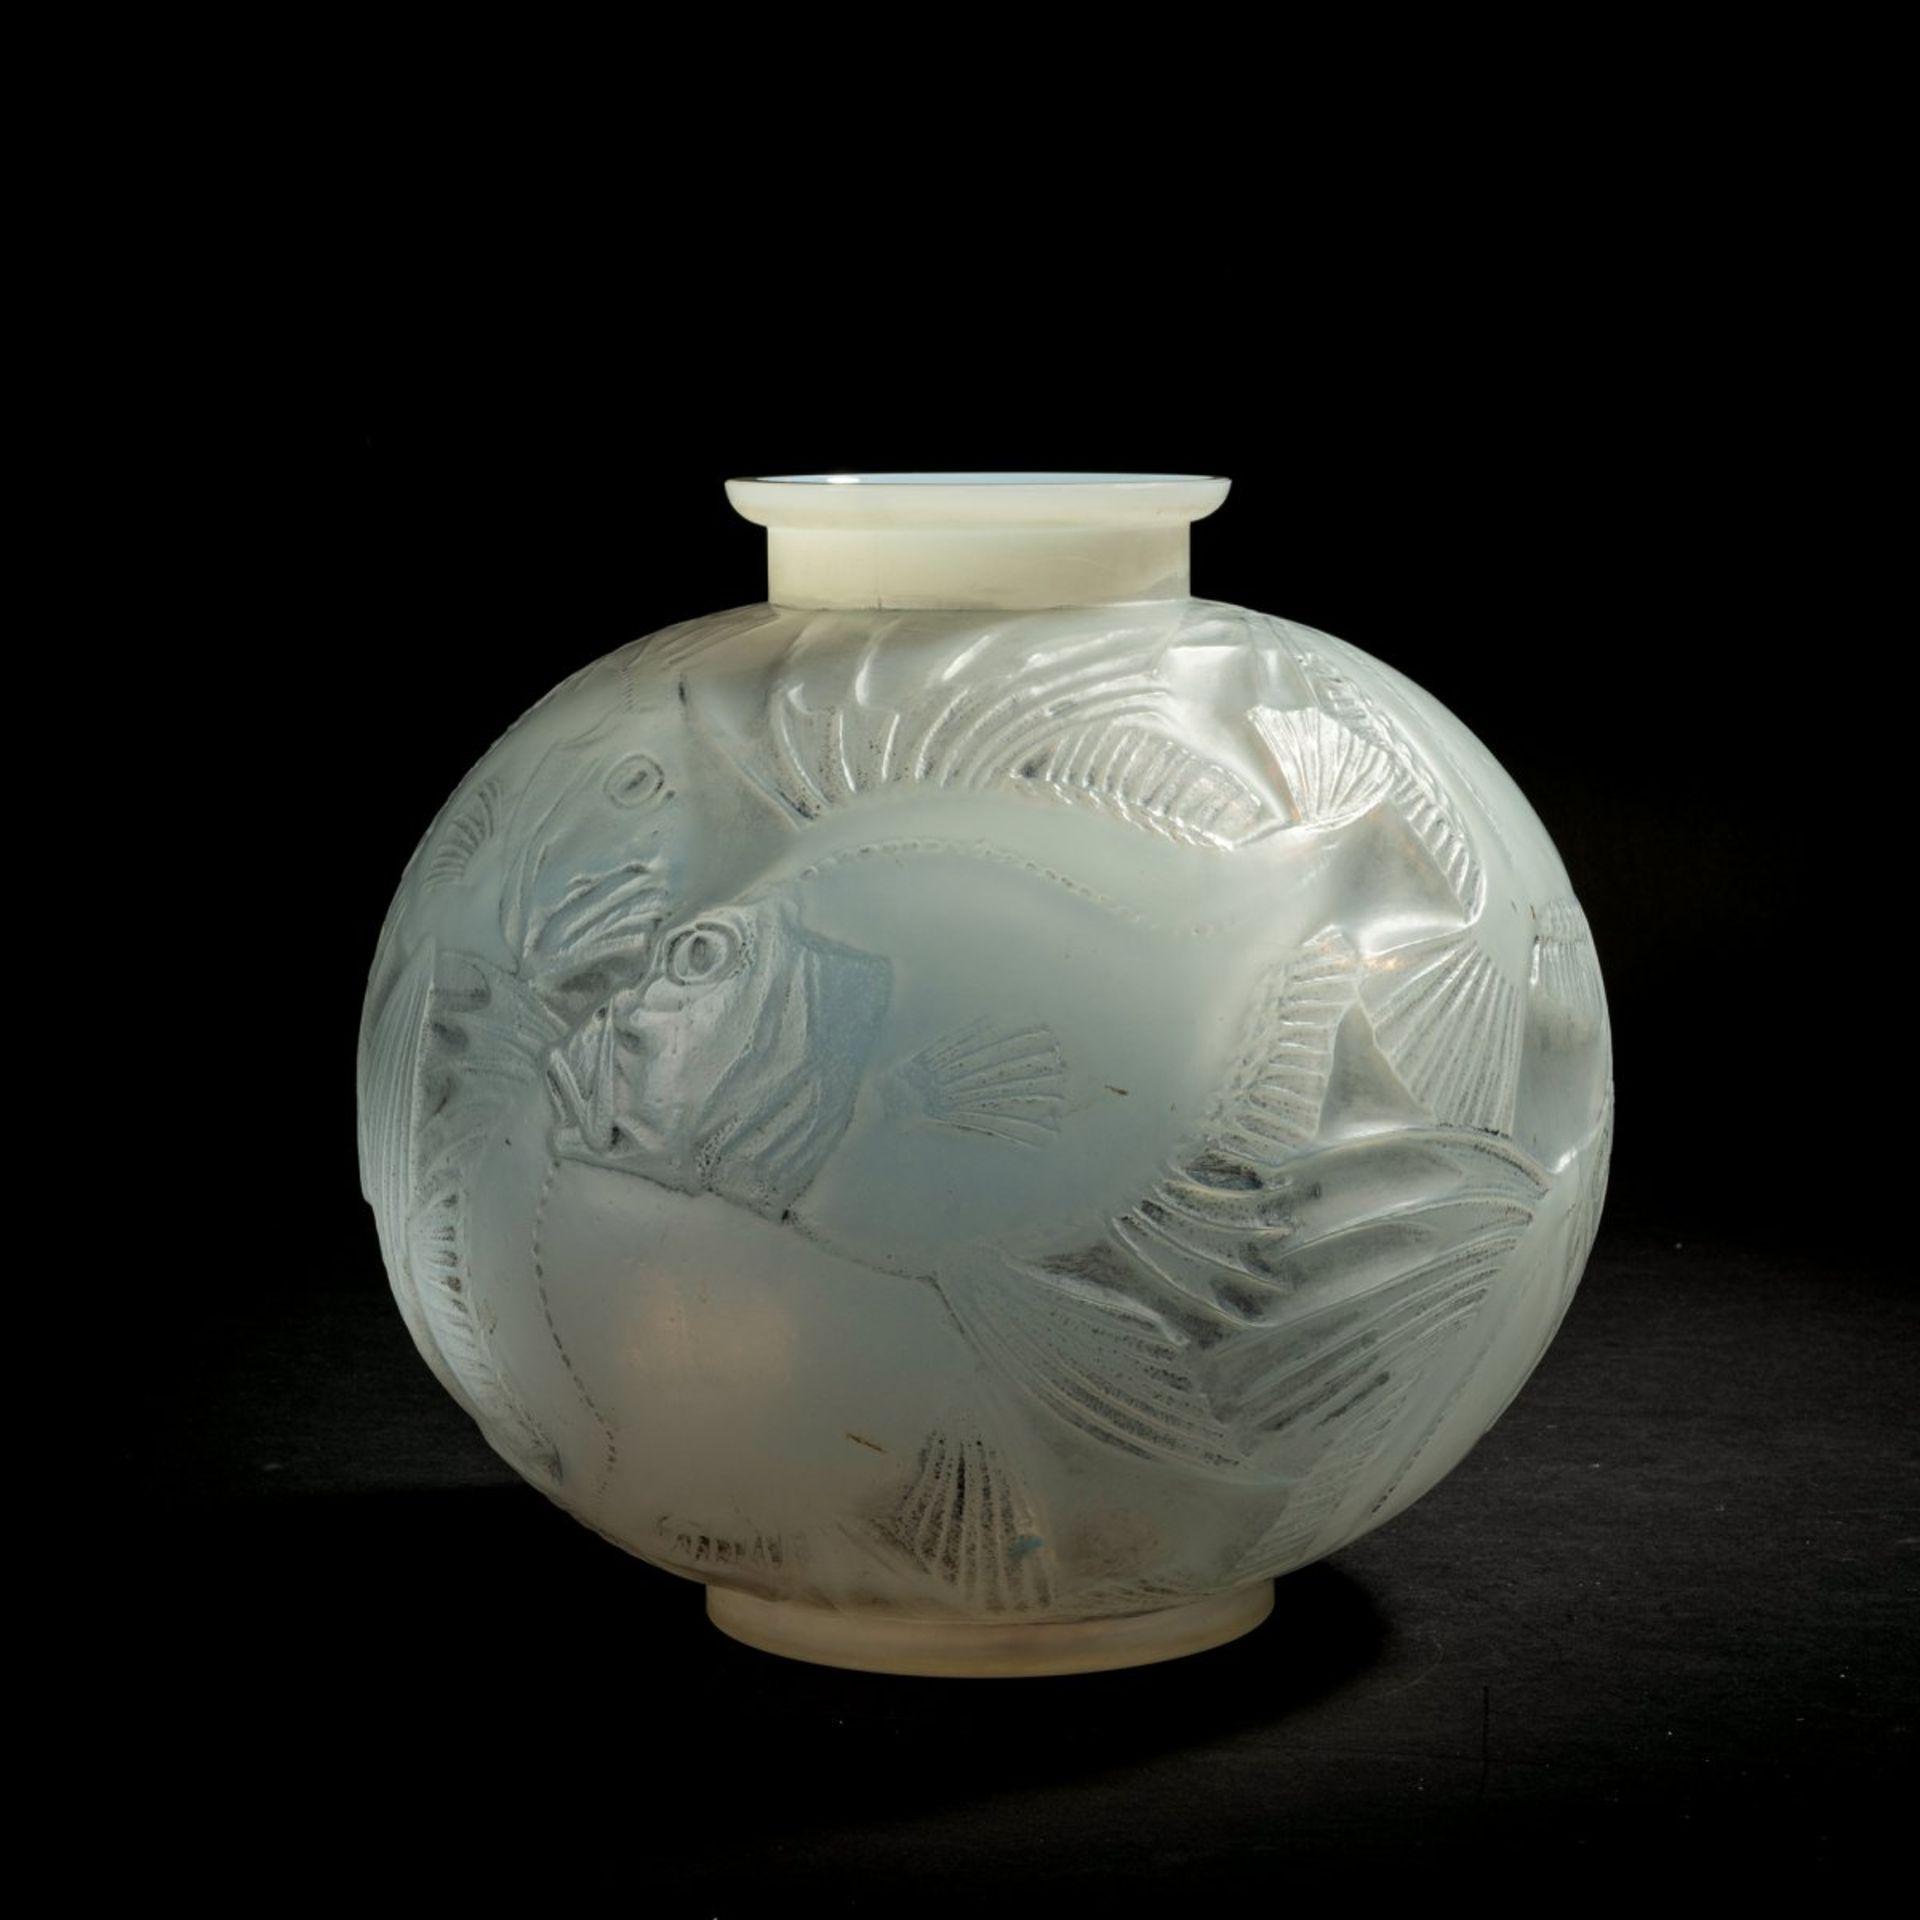 René Lalique, Vase 'Poissons', 1921